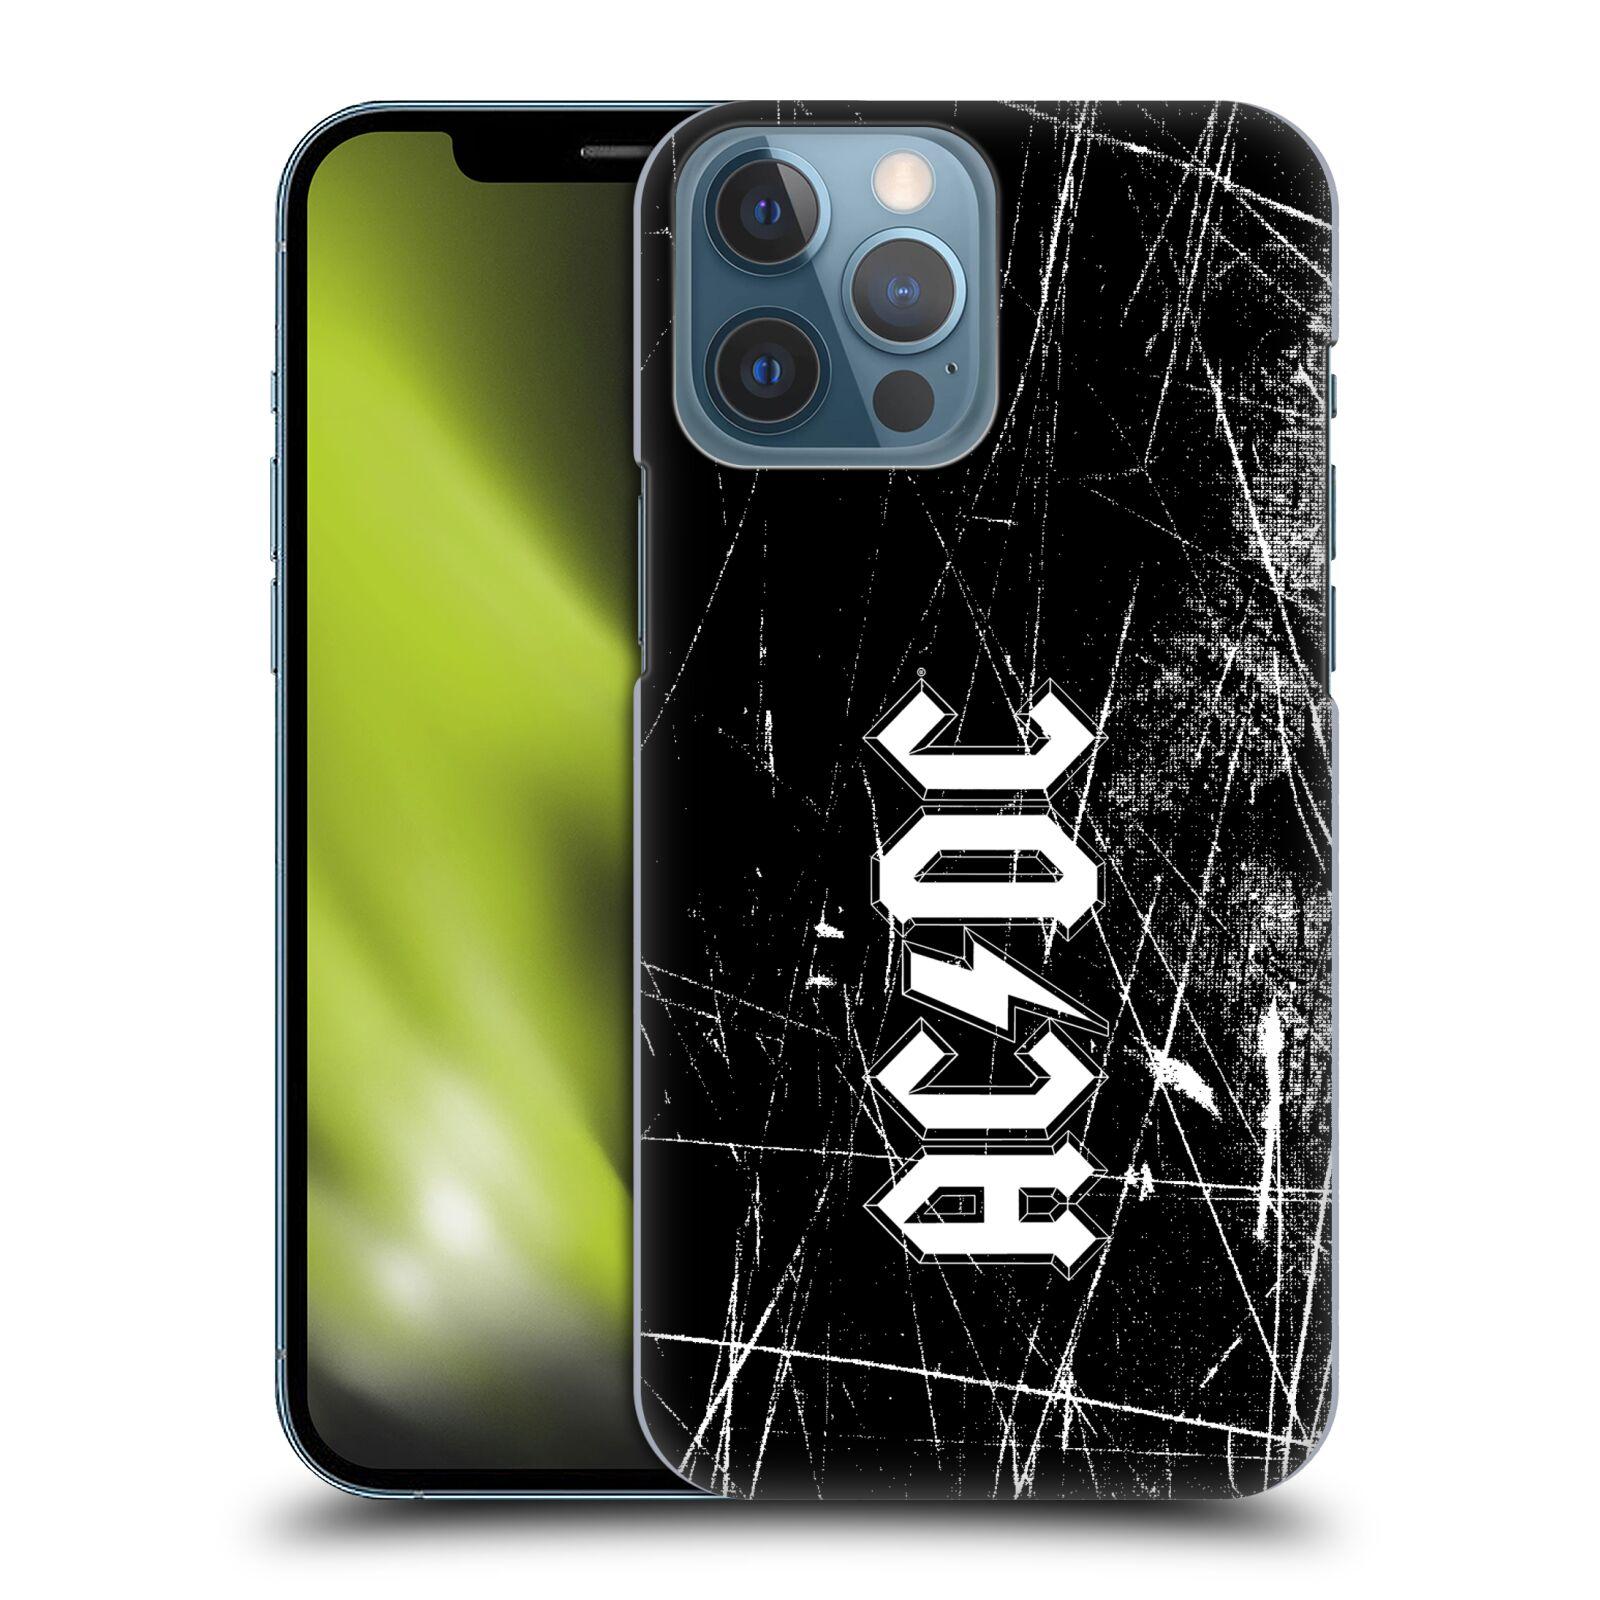 Plastové pouzdro na mobil Apple iPhone 13 Pro Max - Head Case - AC/DC Černobílé logo